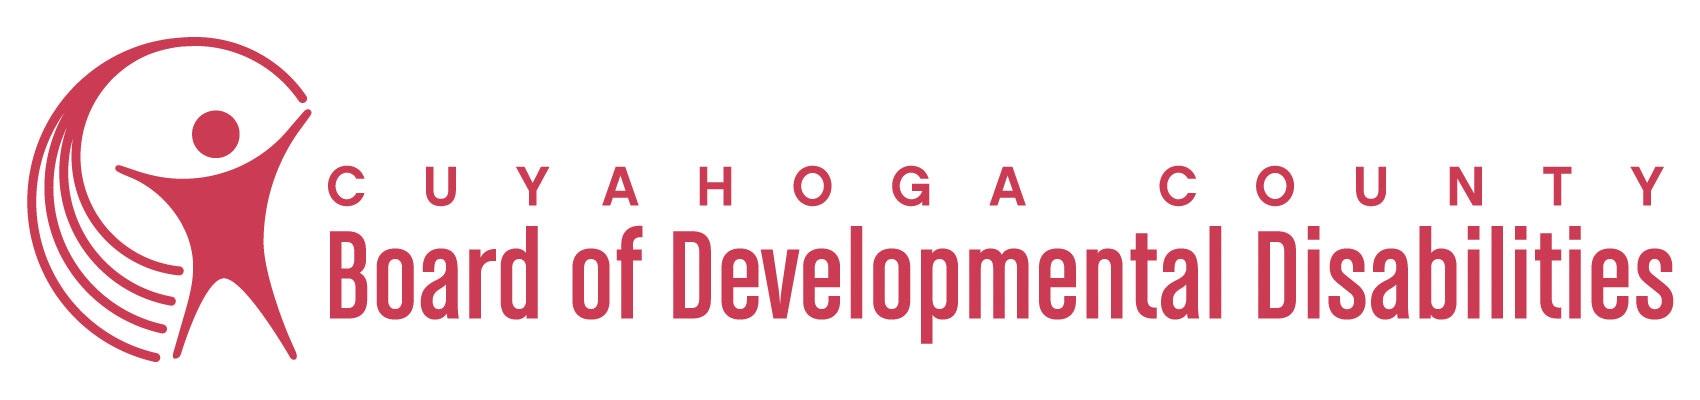 Cuyahoga County Board of DD logo